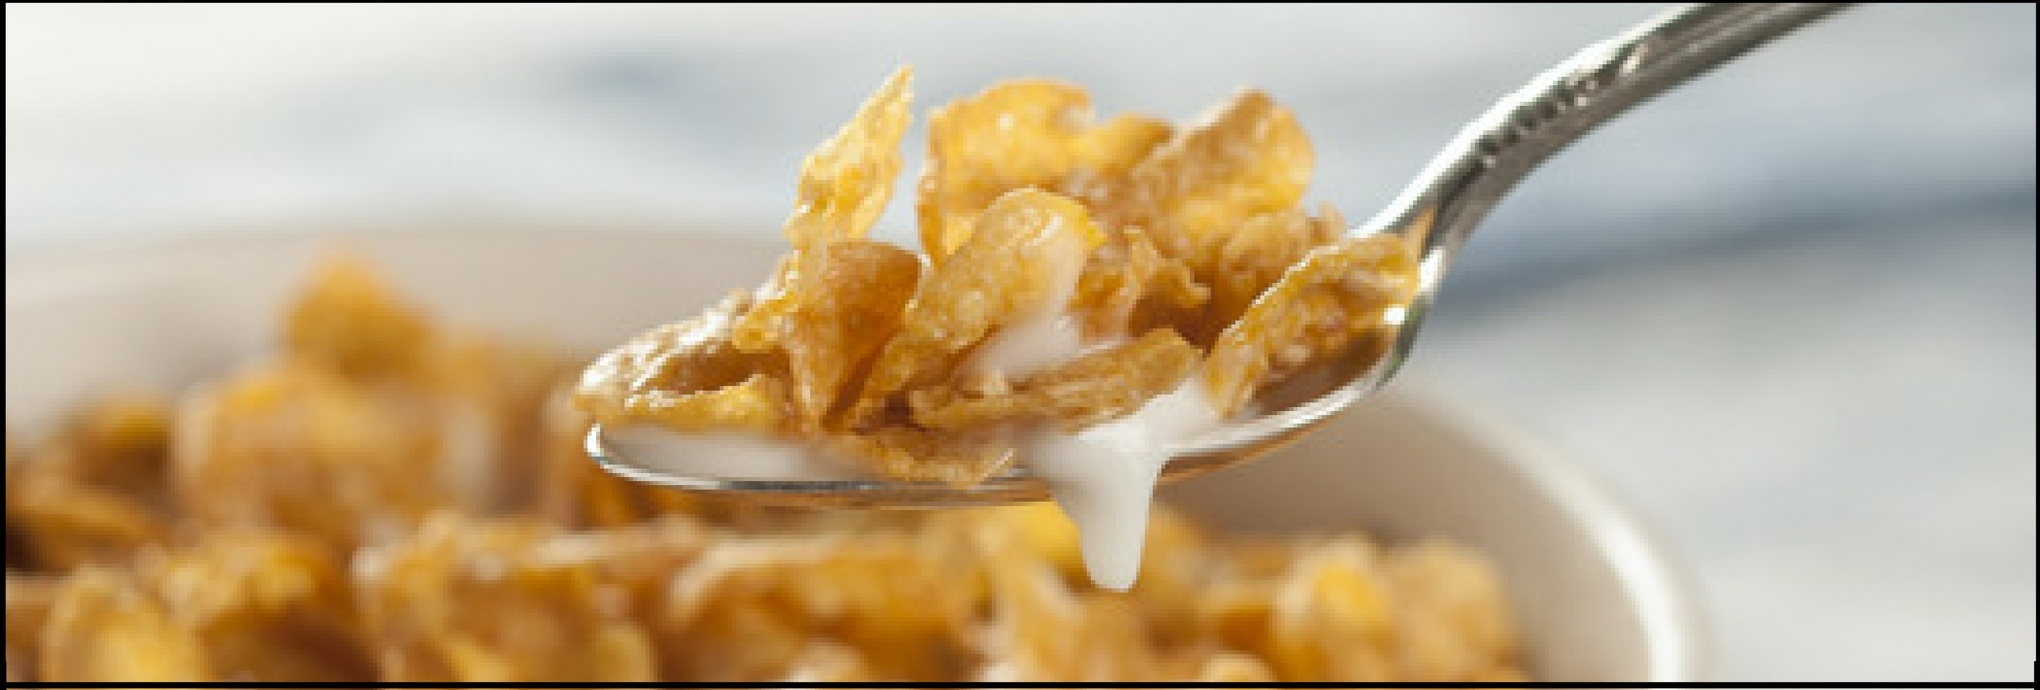 WMI_cereal_blog_image.jpg